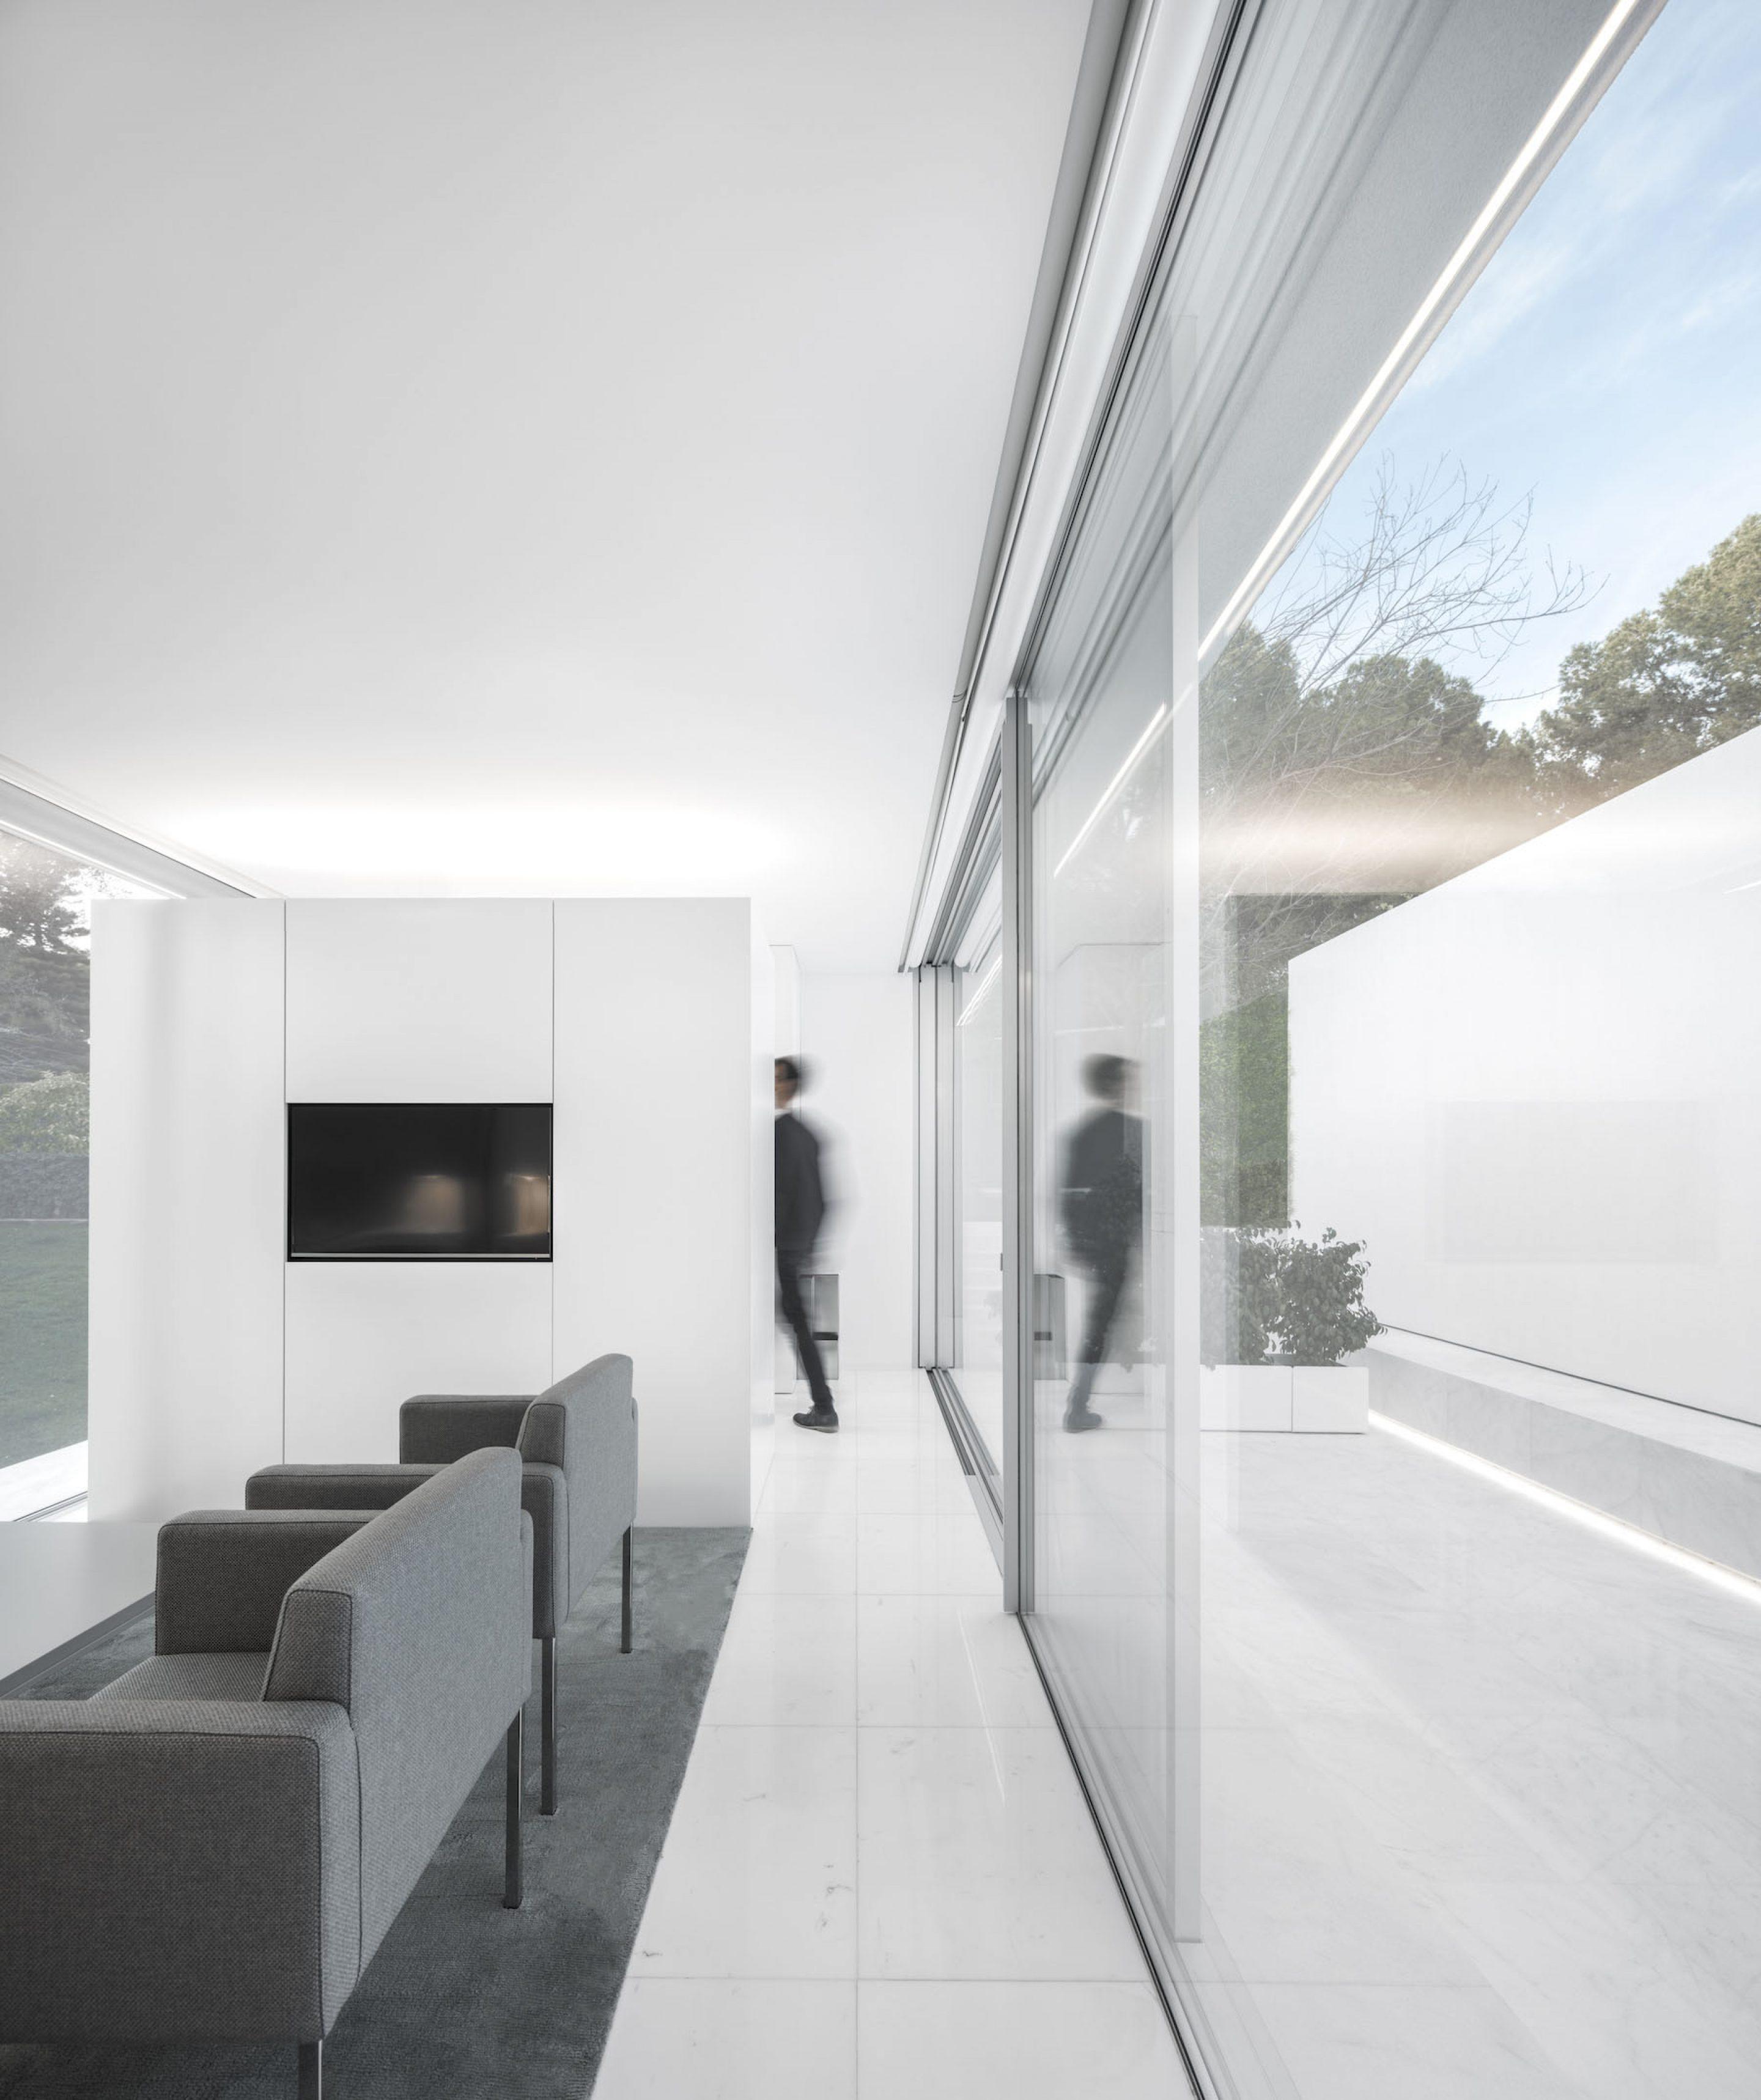 iGNANT_Architecture_Fran_Silvestre_Arquitectos_Guest_Pavilion_Valencia_p2